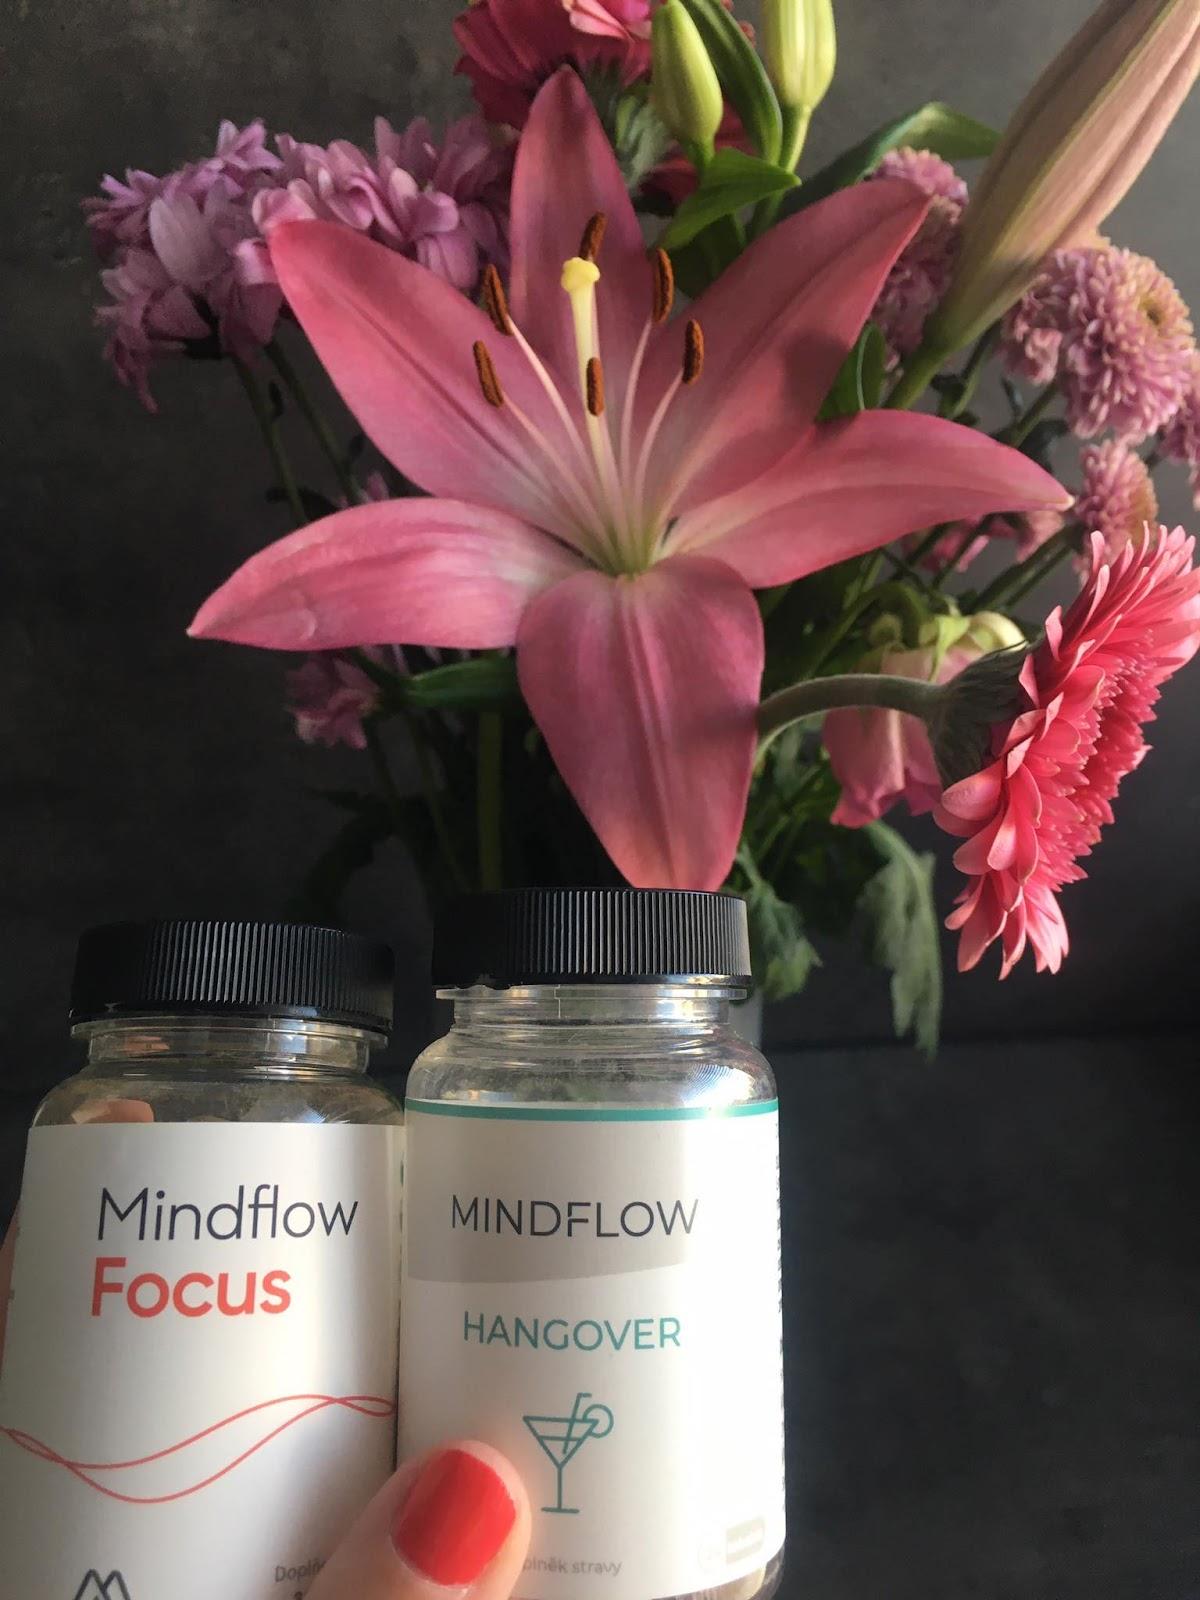 Recenze Mindflow.cz: Mindflow Hangover a Mindflow Focus 2.0